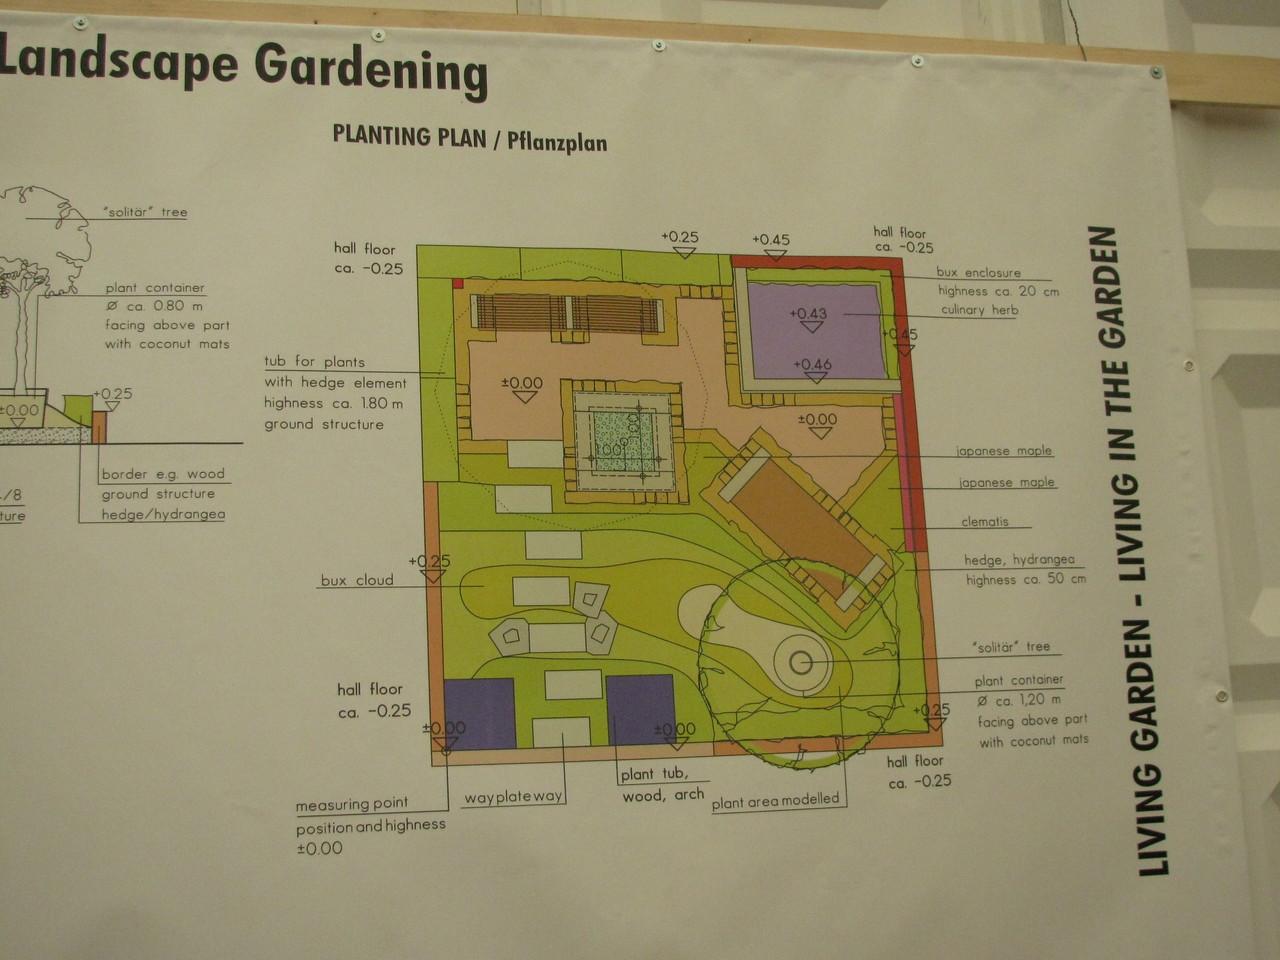 ... um alle Vorgaben von Pflanzplänen, Plänen für Zugangswege, Wasserbecken und Gartenliege in die Realität umzusetzen.